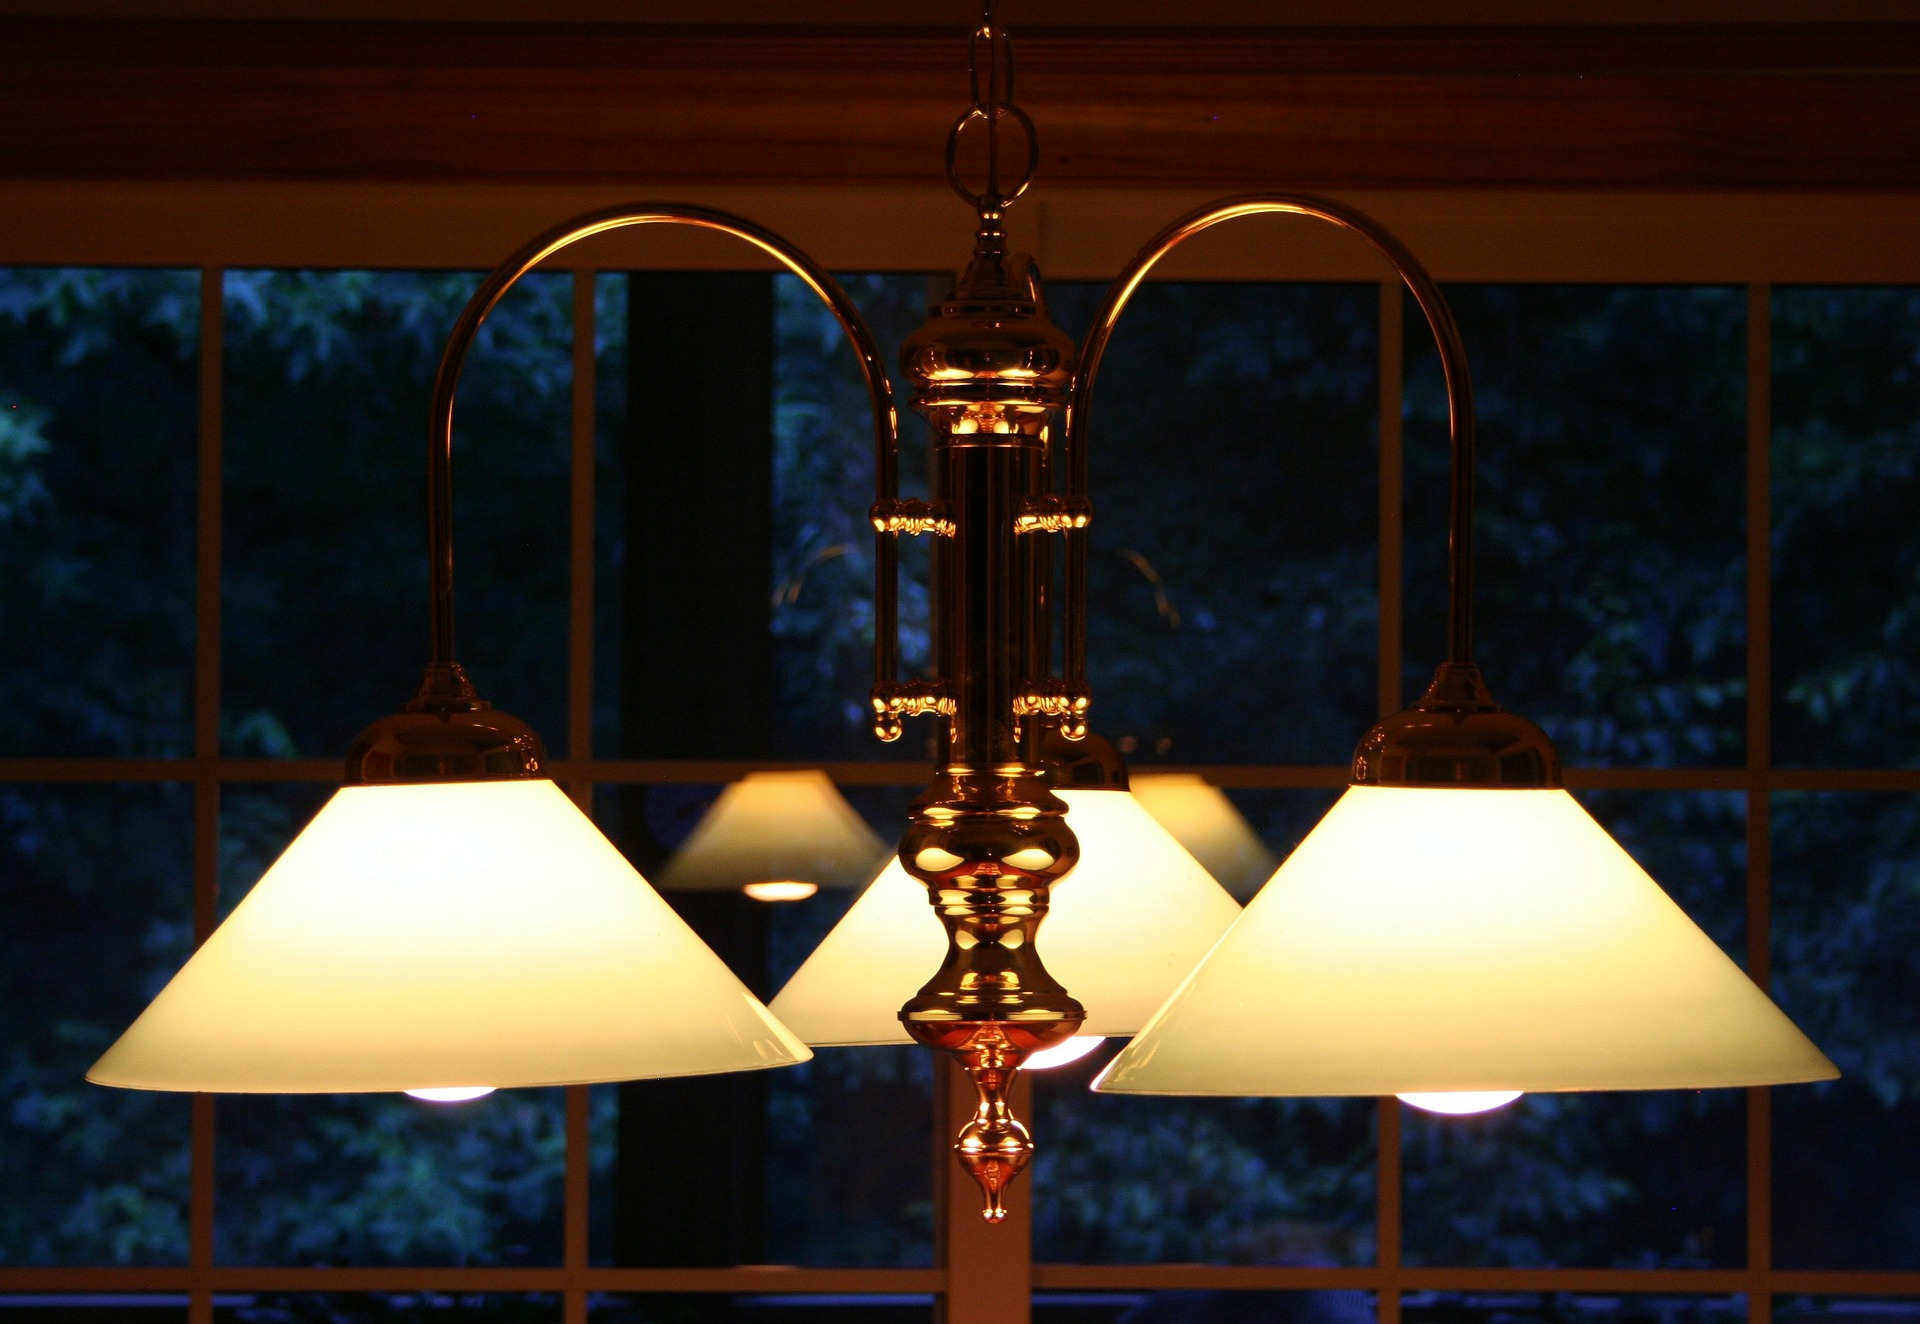 chandelier-52247_1920